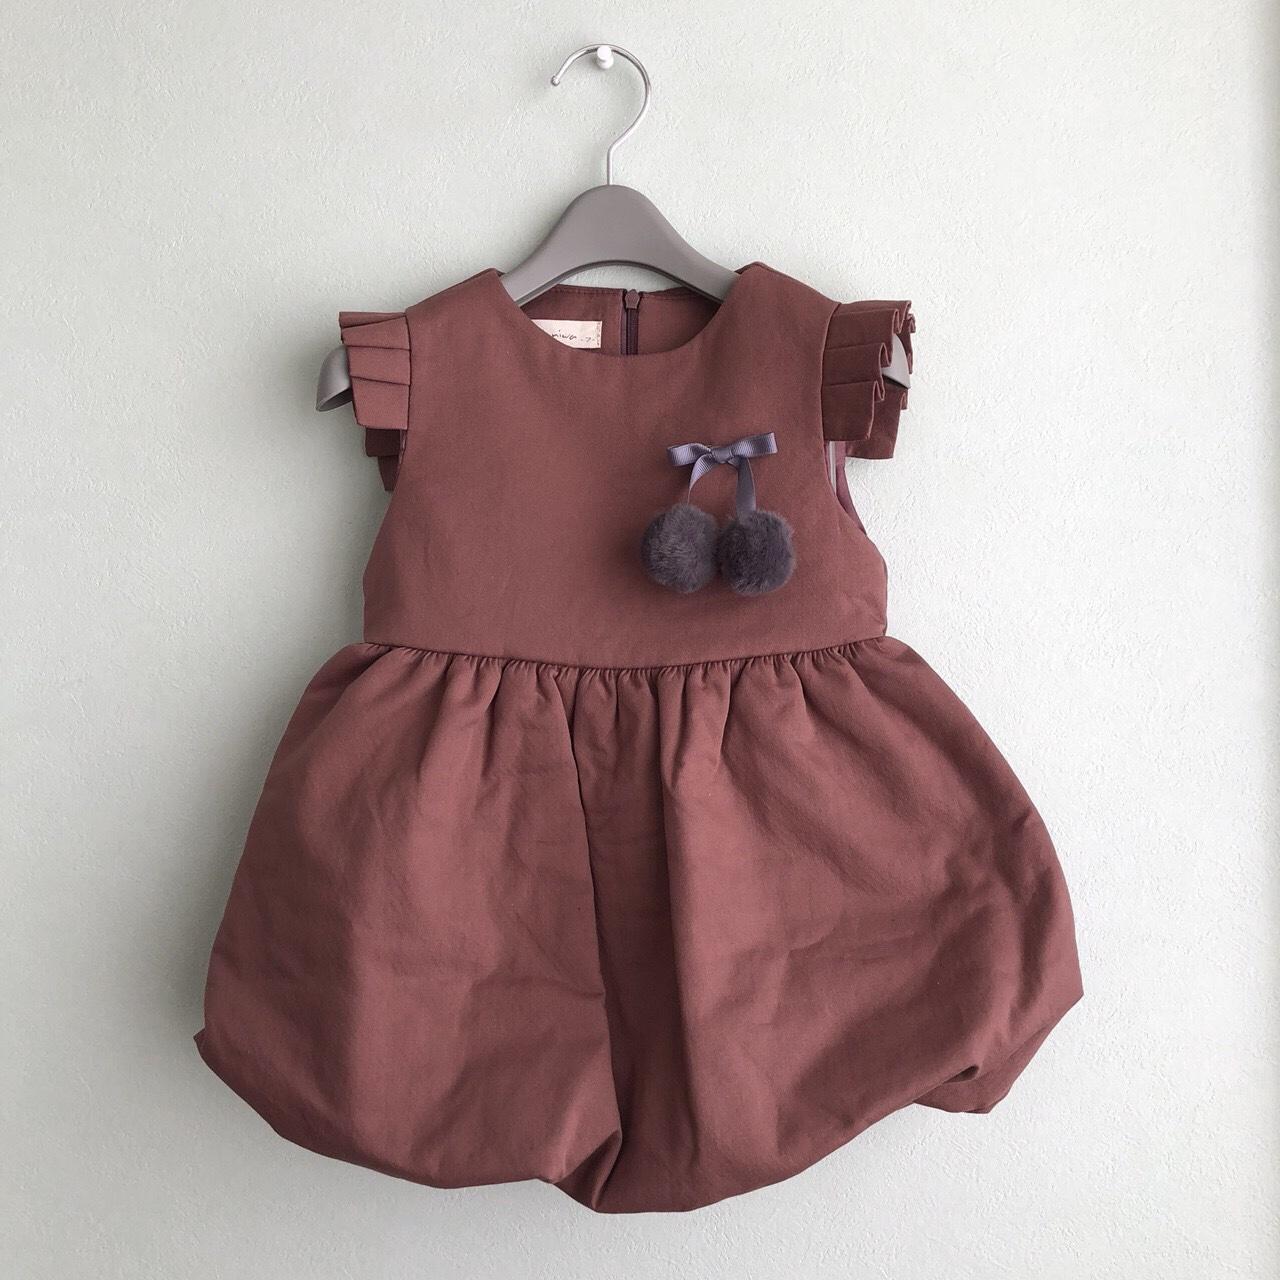 大人の洋服のデザインをそのまま小さくしたようなお洒落な子供服